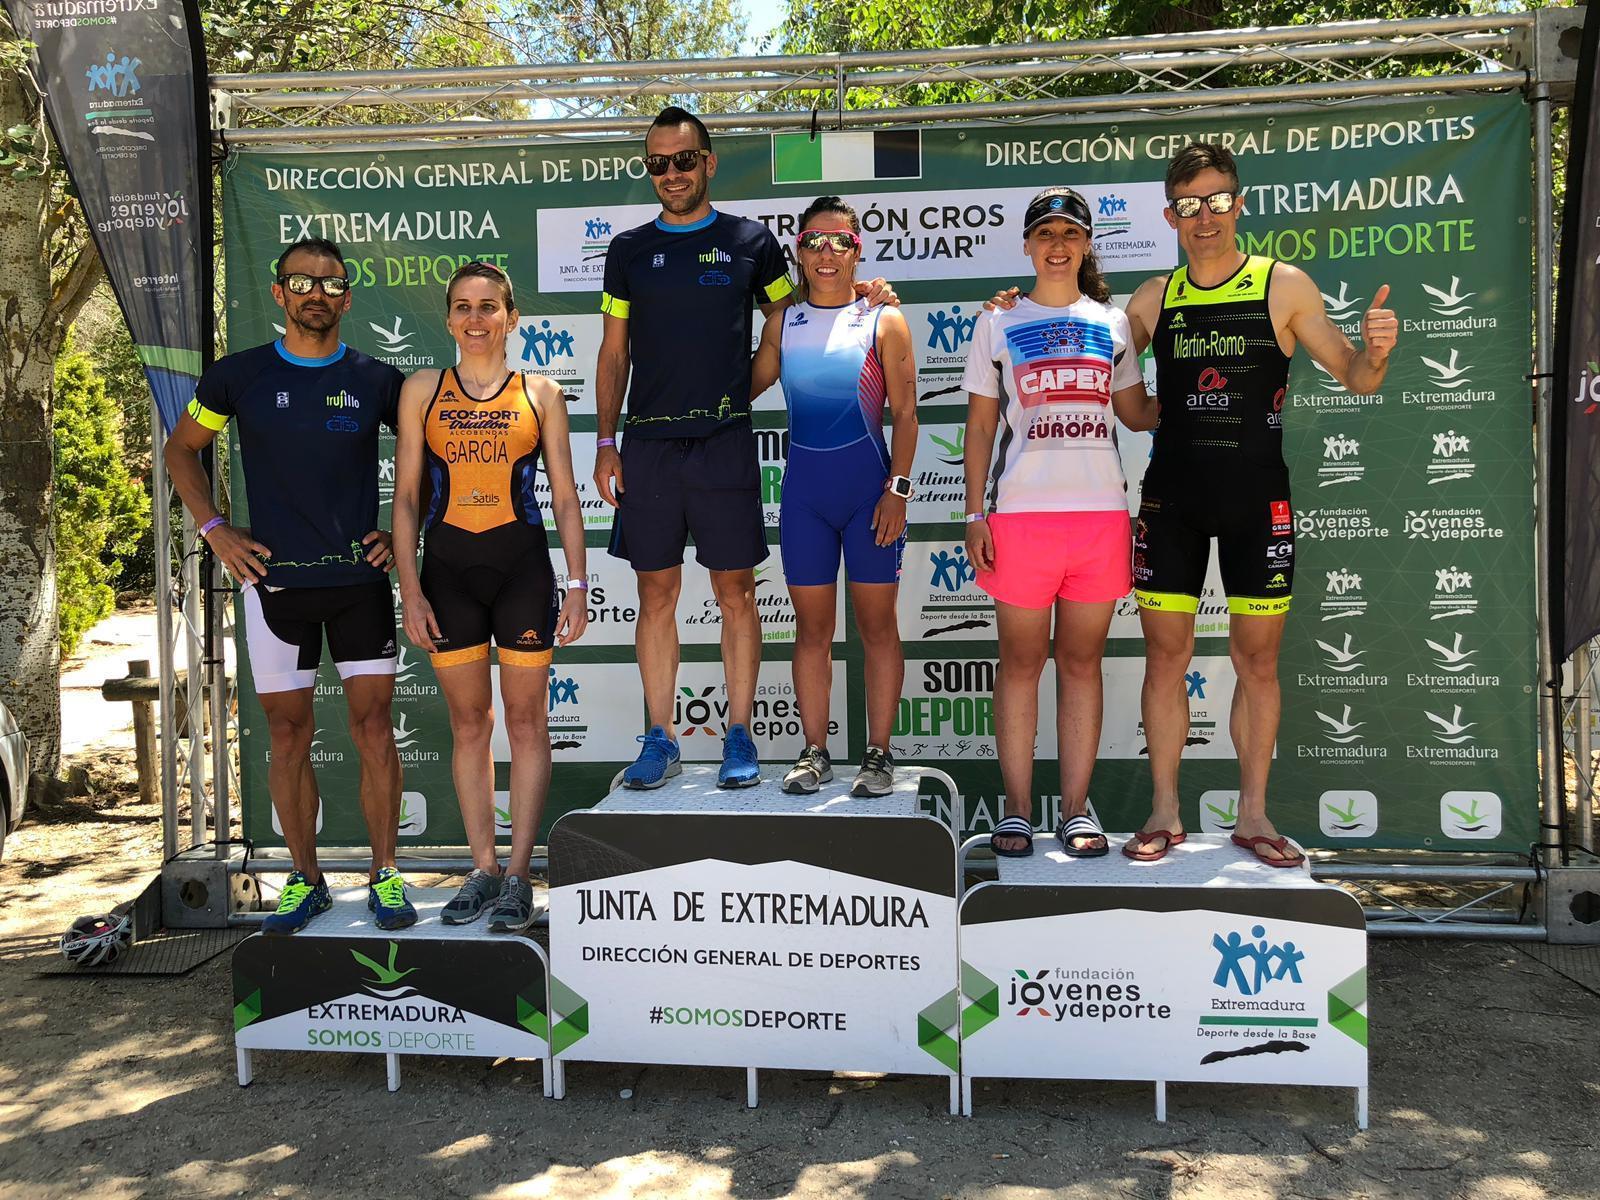 Éxito de participación y organización en el Campeonato de Extremadura de Triatlón Cross celebrado en la Isla del Zújar